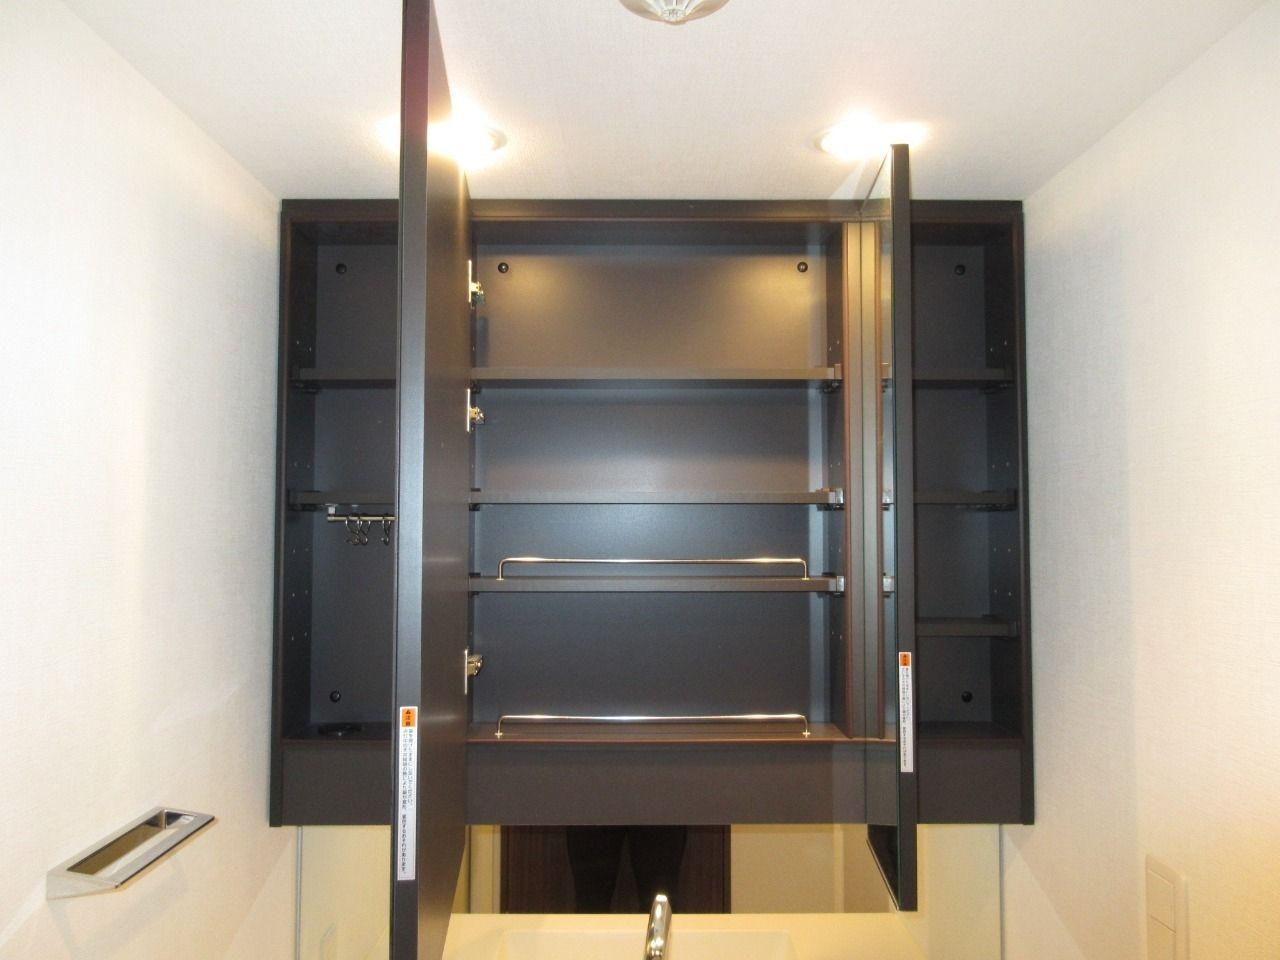 化粧品などの小物類を整理できる収納スペースだけでなく、ドライヤーフックやテッィシュボックス収納などのスペースもあります